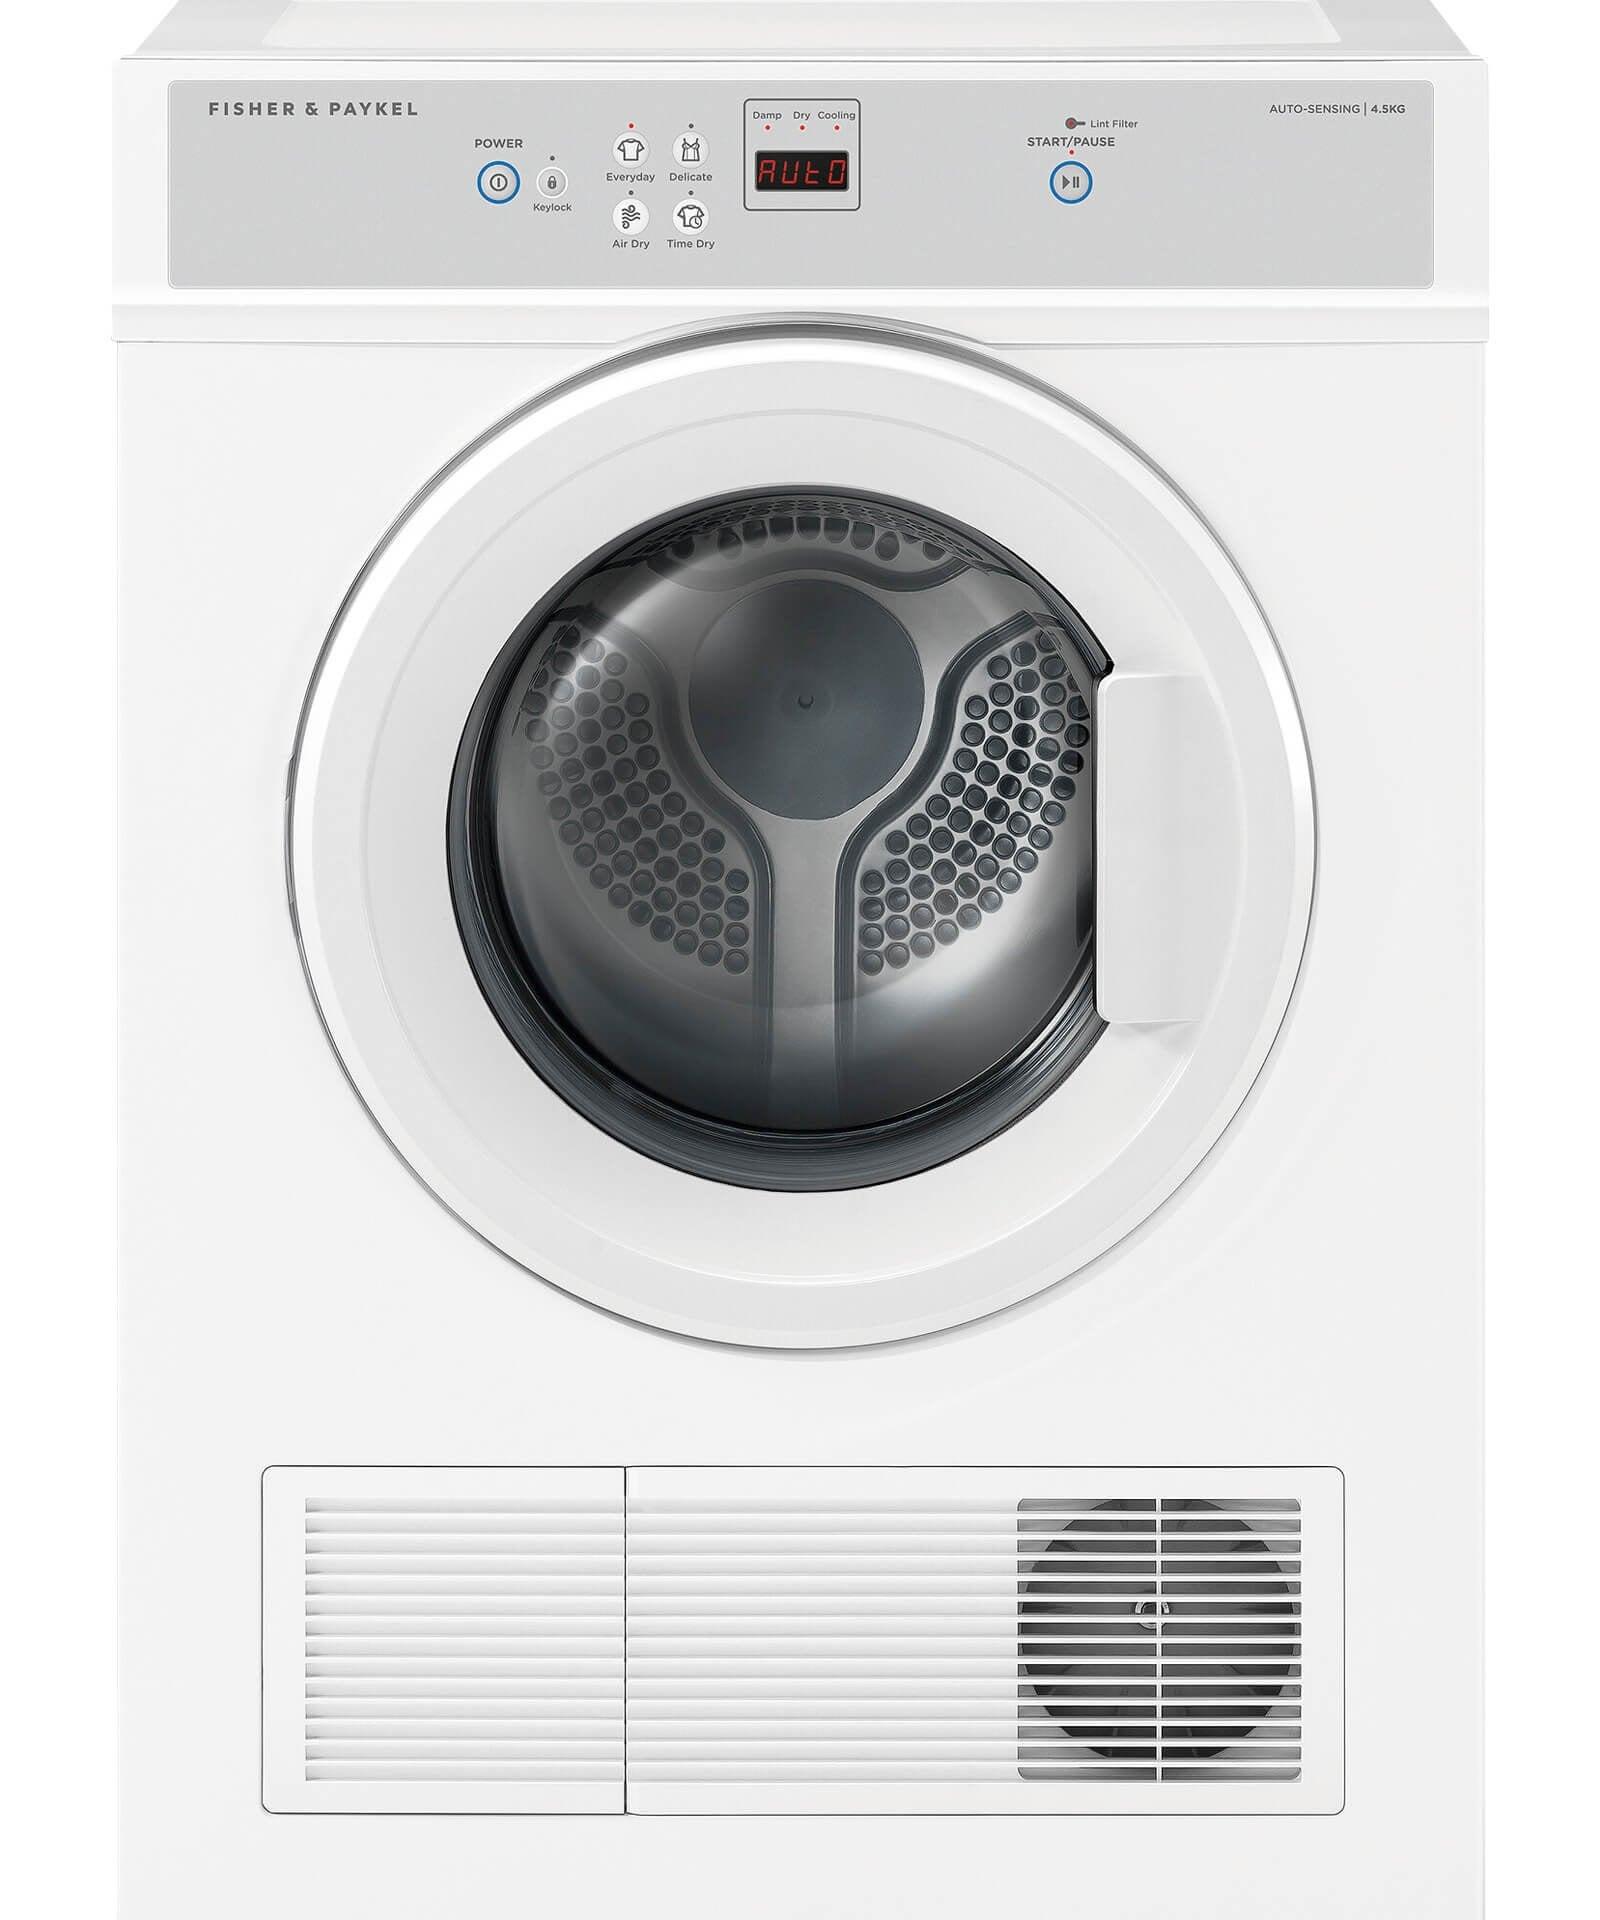 Fisher & Paykel DE4560M2 Dryer